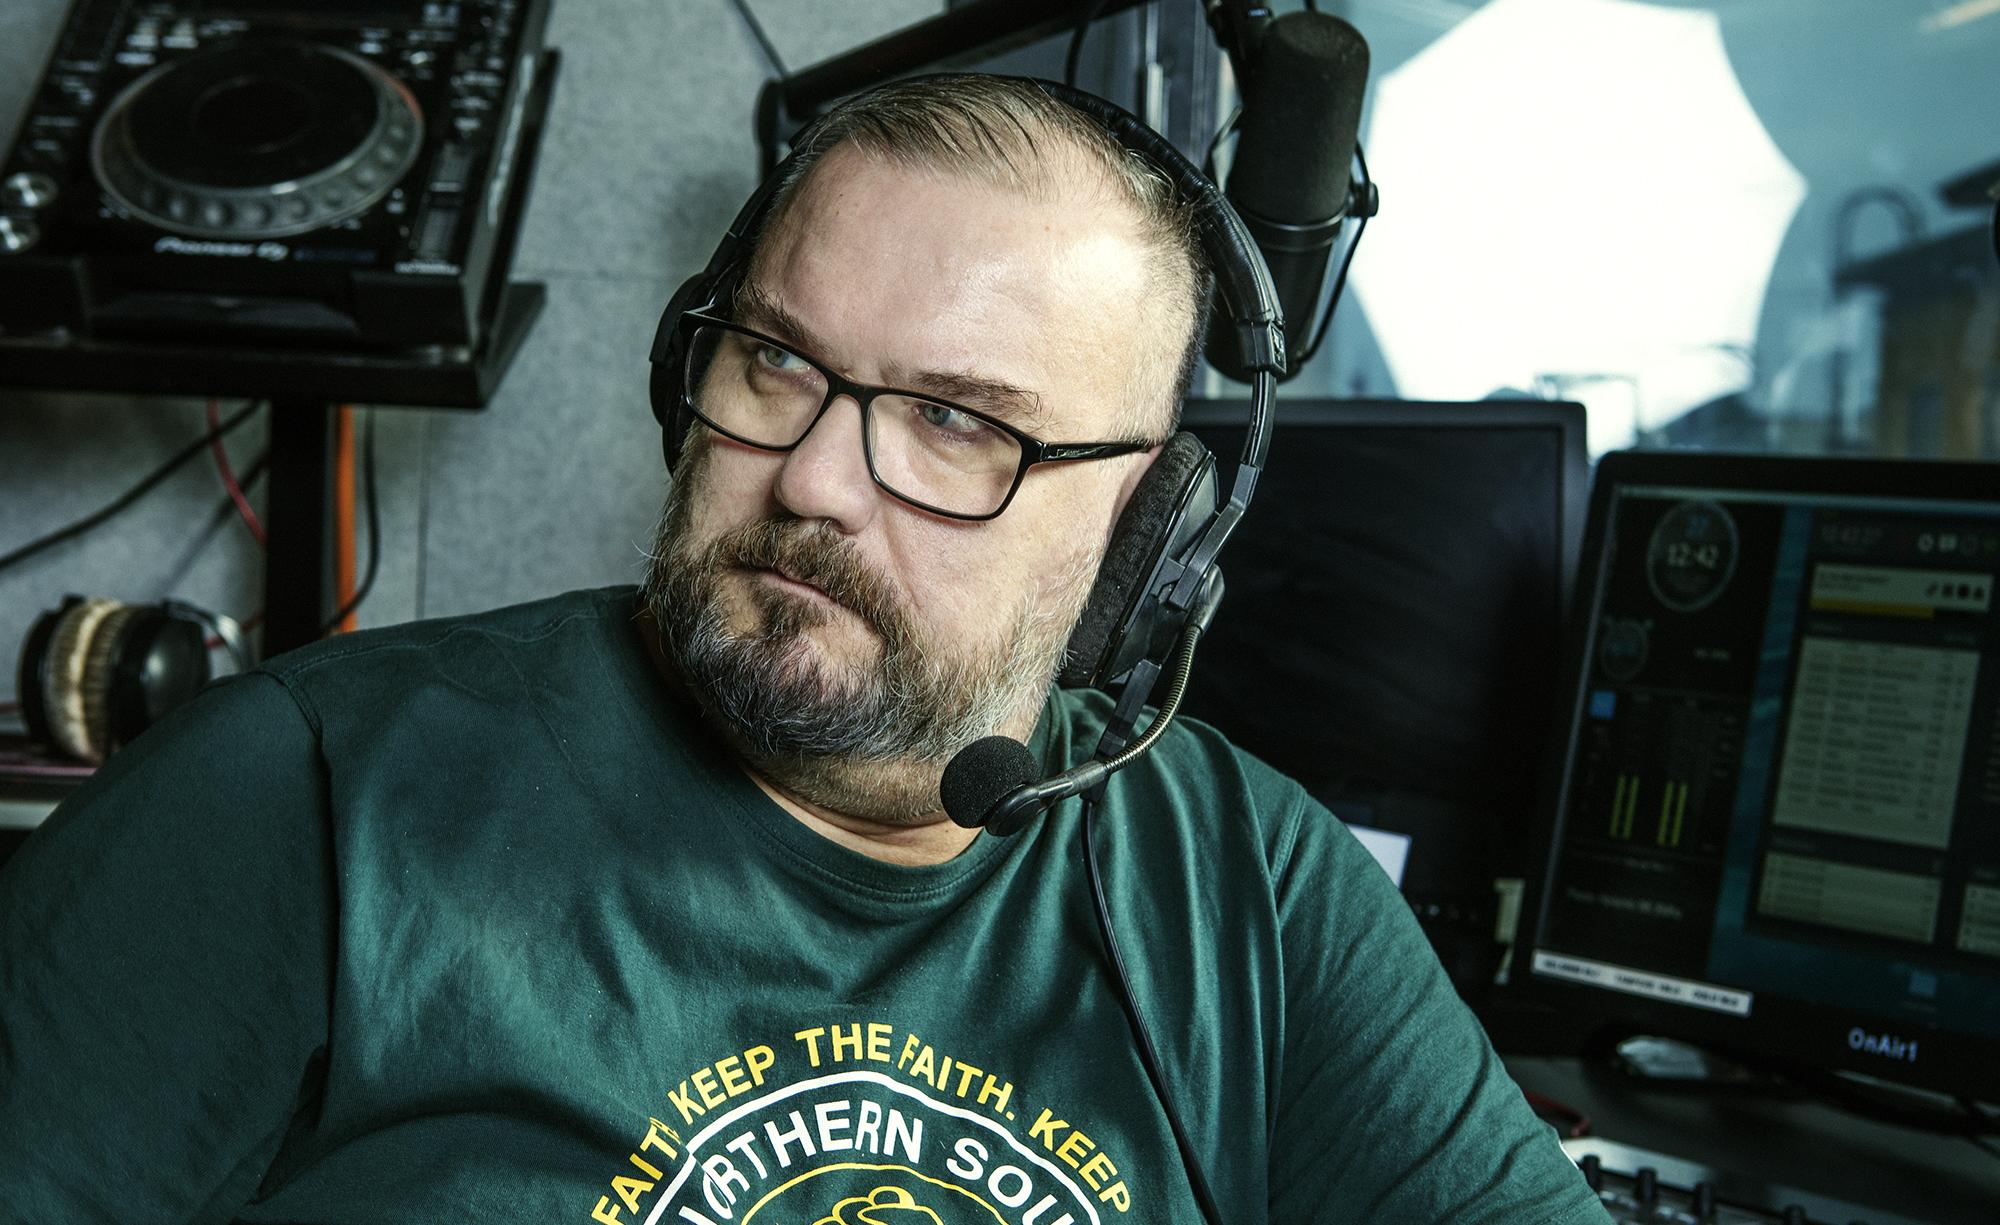 Njassa mikrofonilliset kuulokkeet päässä. Yllään vihreä t-paita.